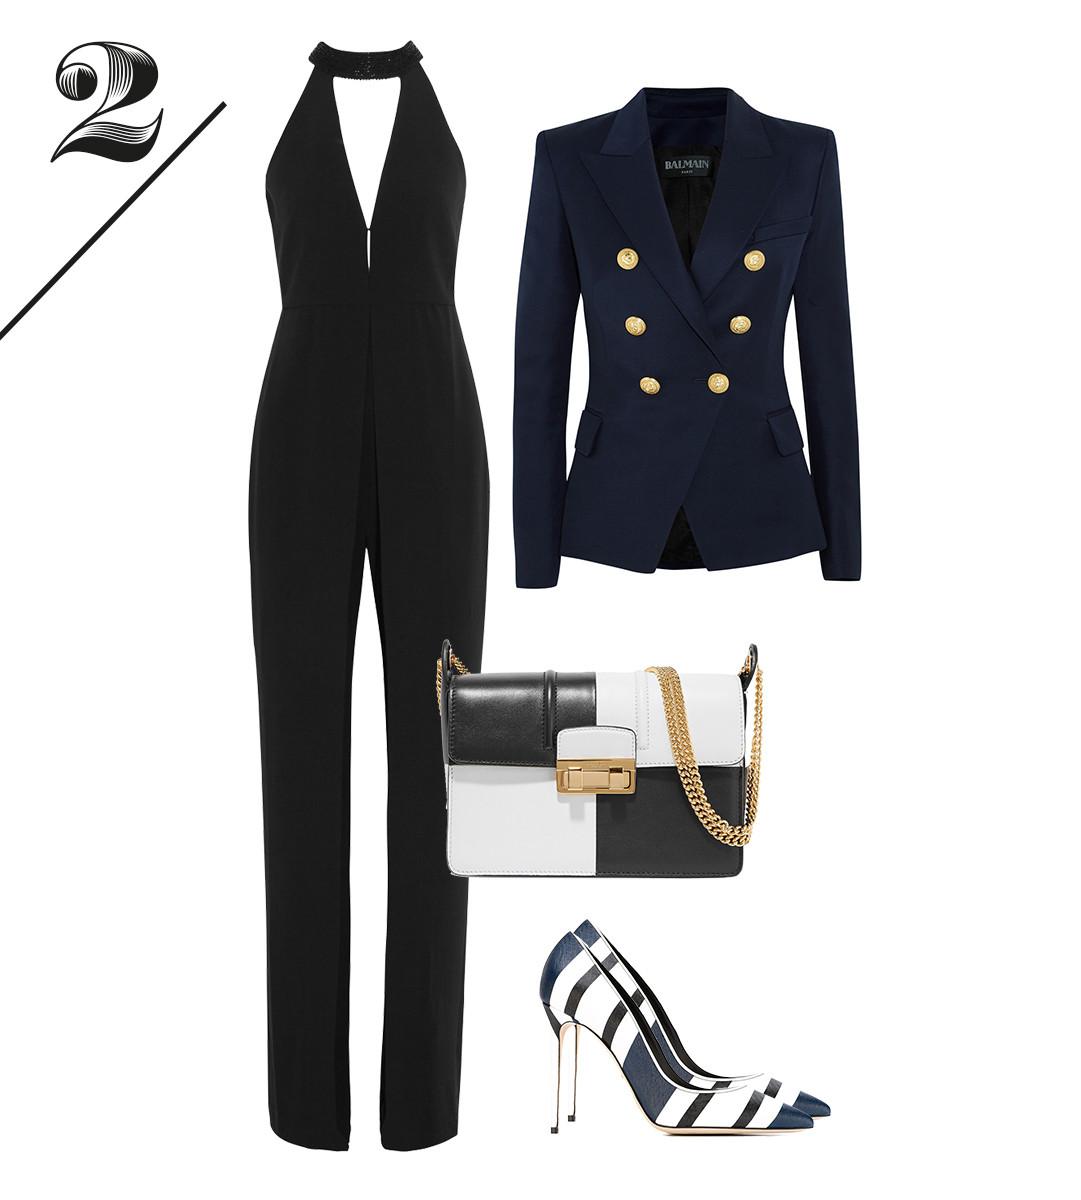 Комбинезон Halston Heritage | Жакет Balmain | Лодочки Dolce&Gabbana | Сумка Lanvin